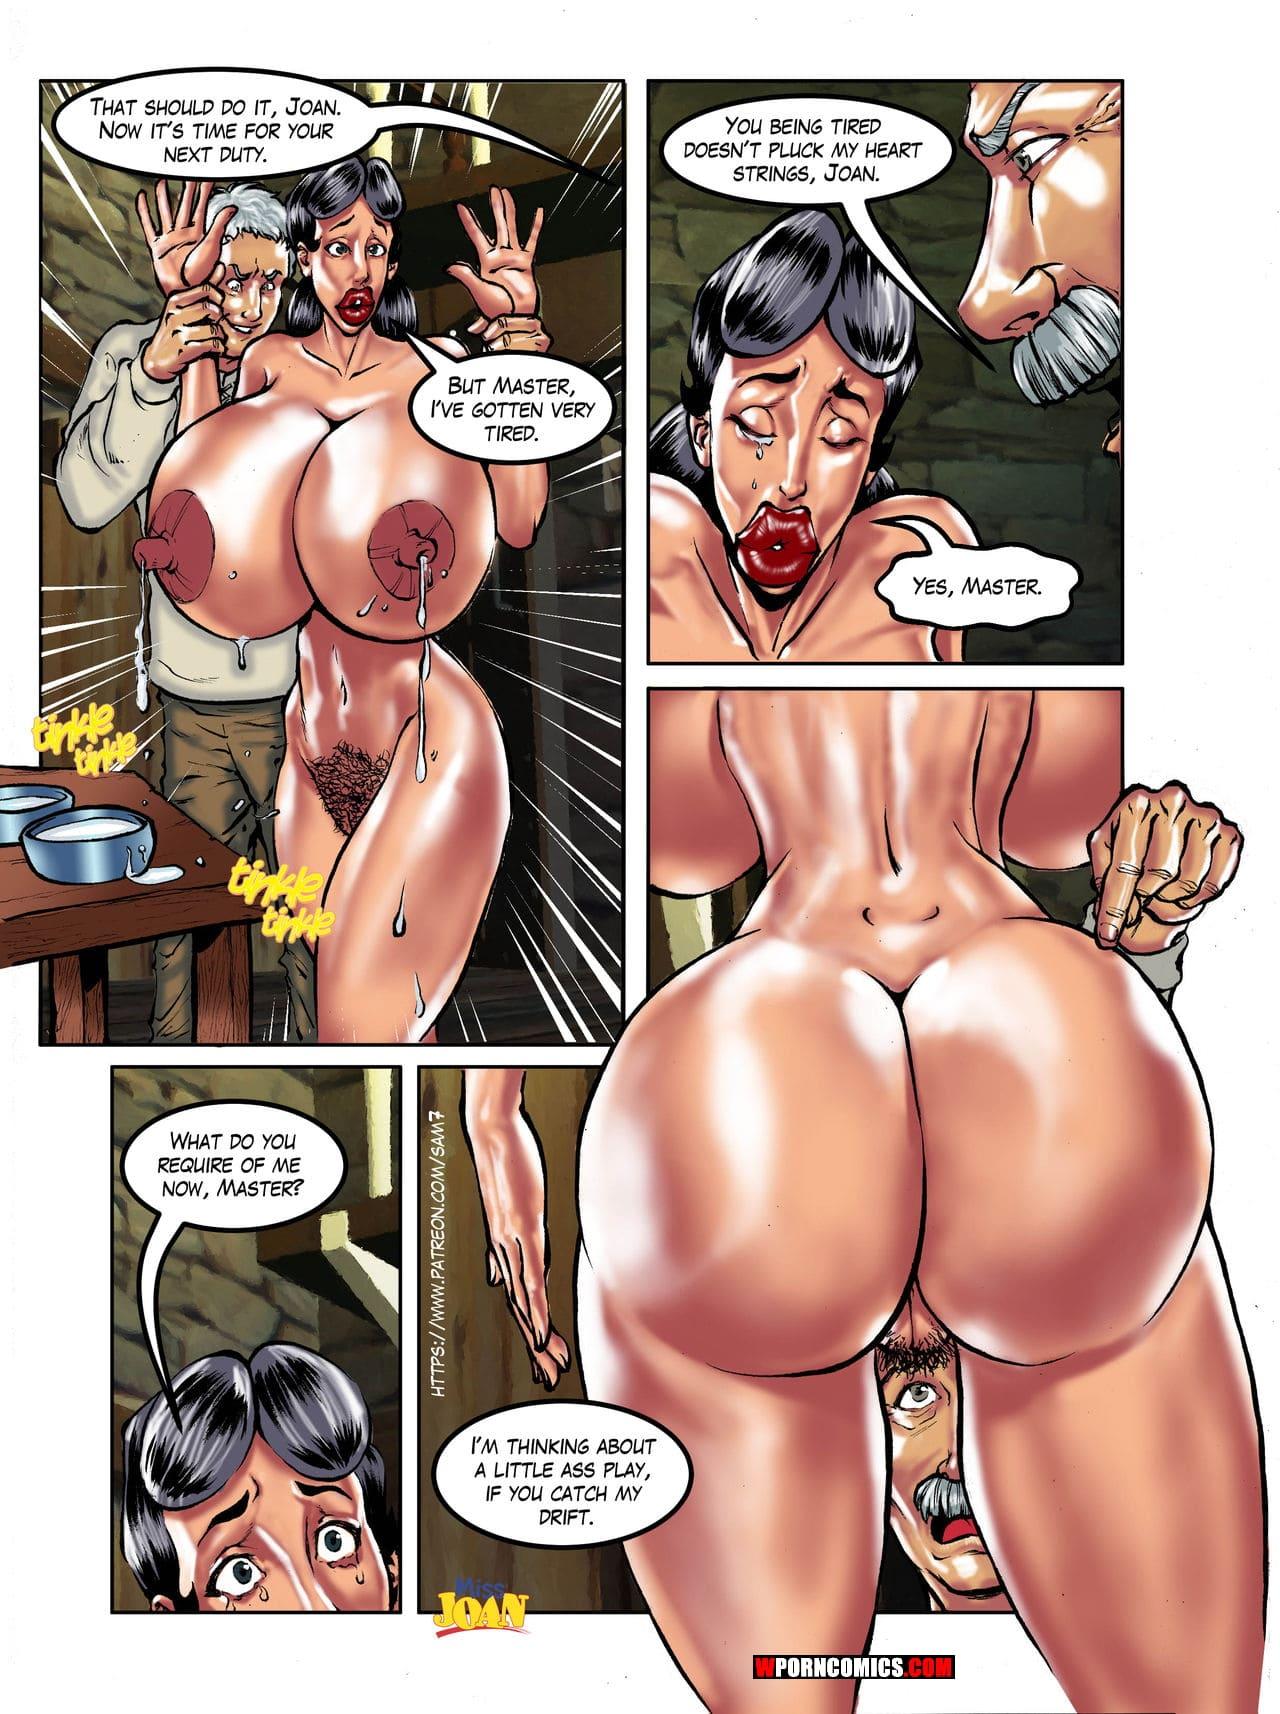 porn-comic-undressed-day-4-2020-03-03/porn-comic-undressed-day-4-2020-03-03-28572.jpg